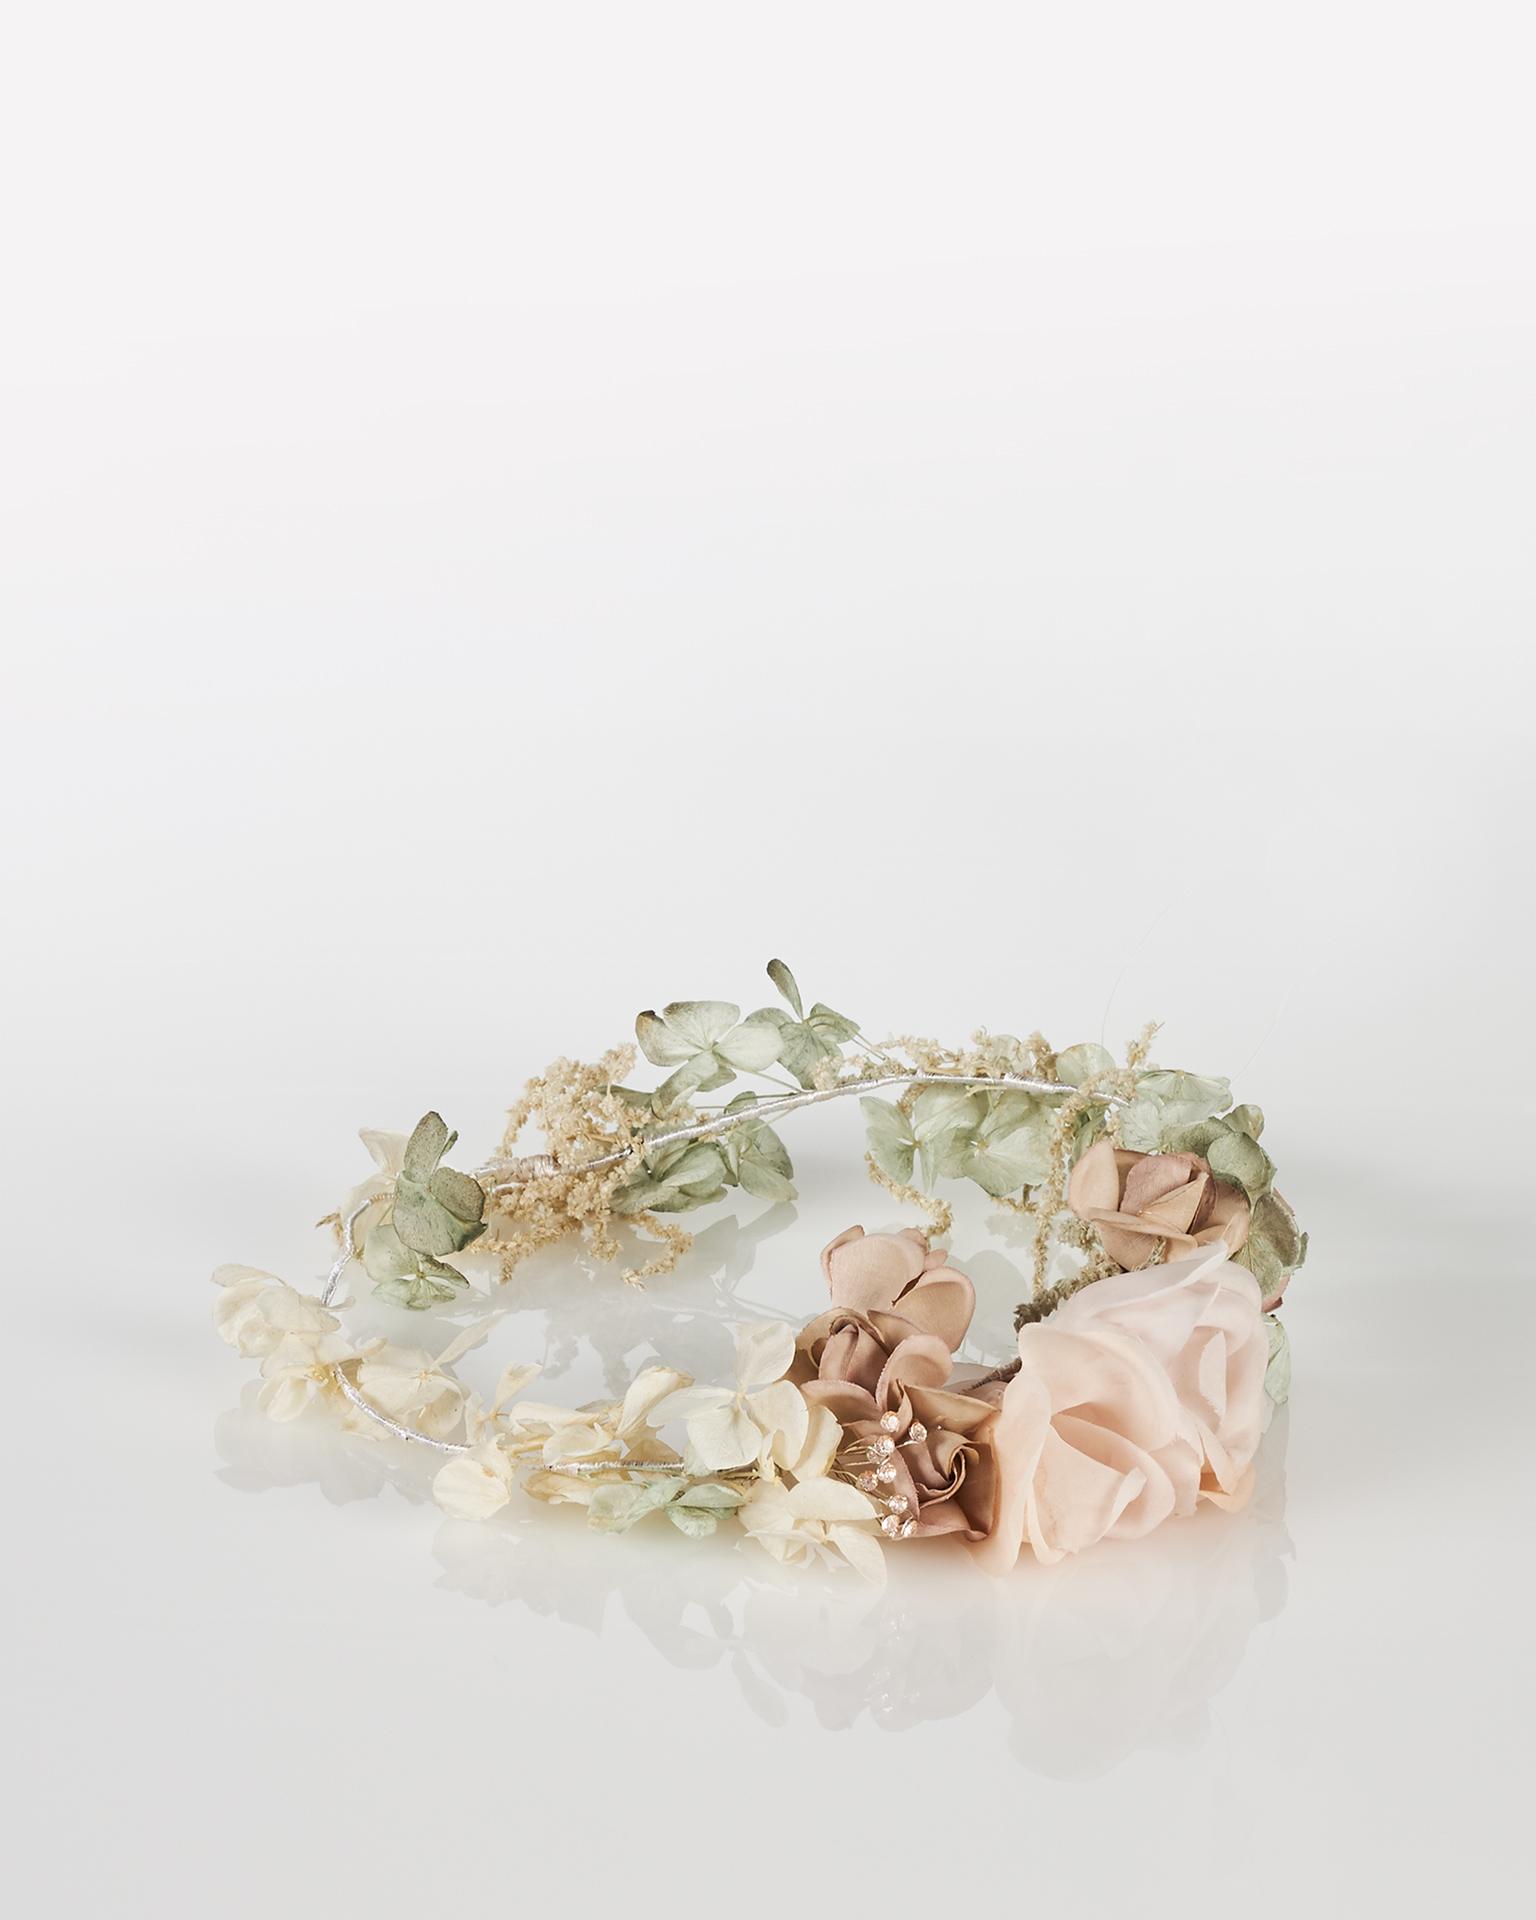 水晶装饰欧根纱新娘皇冠头饰(多种颜色)。  新品系列 2018.